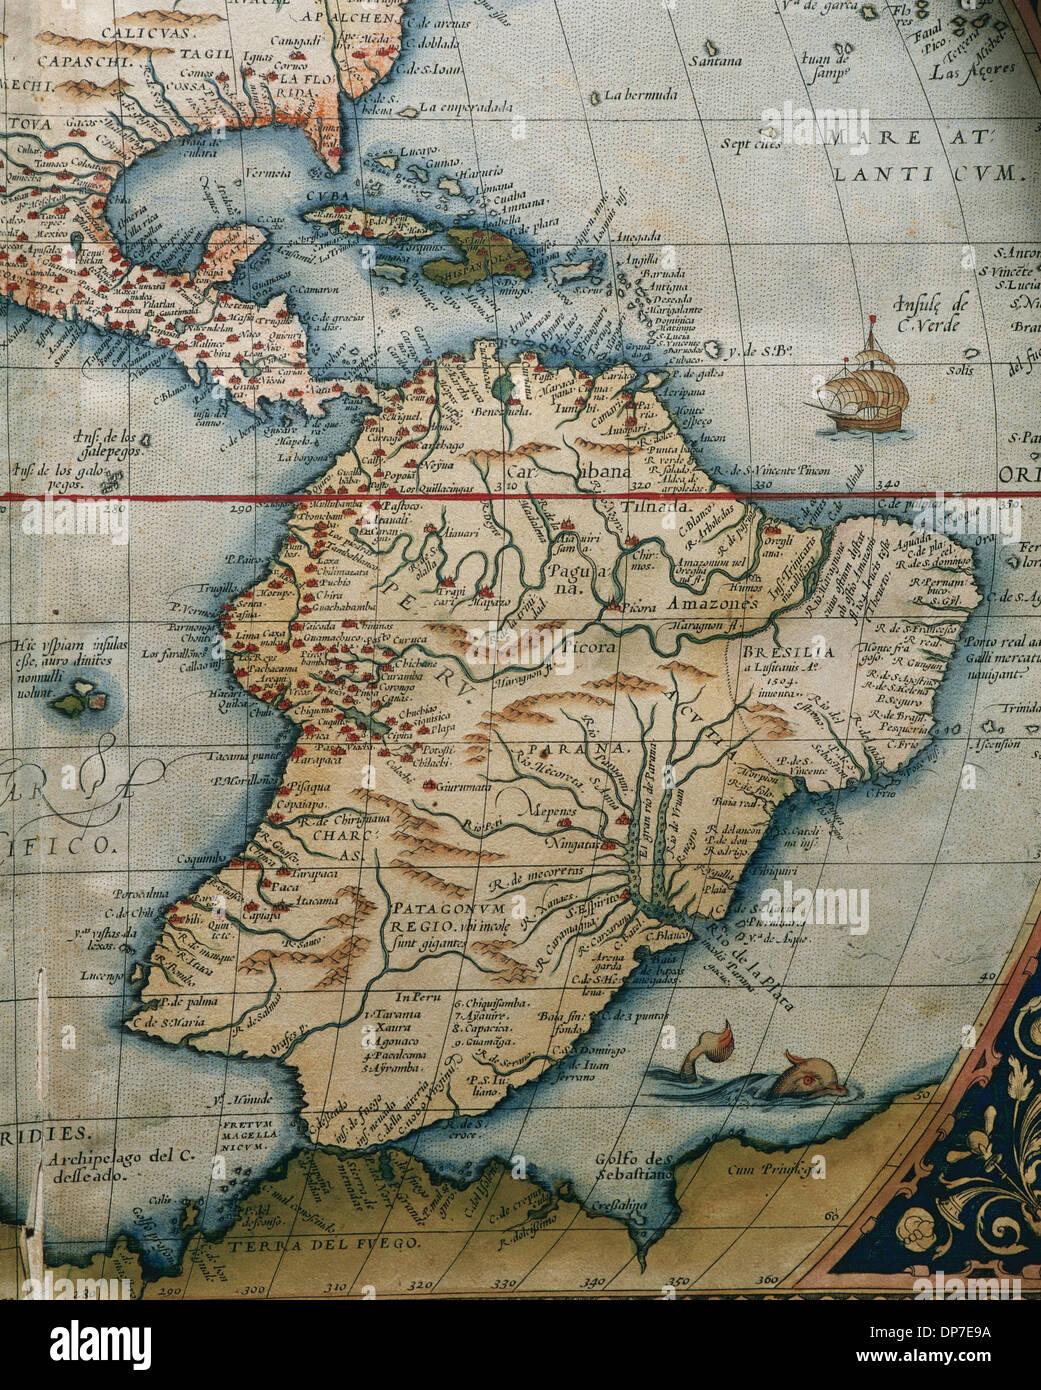 Carte Amerique Du Sud Et Amerique Centrale.Carte De L Amerique Centrale Et Du Sud Theatrum Orbis Terrarum Par